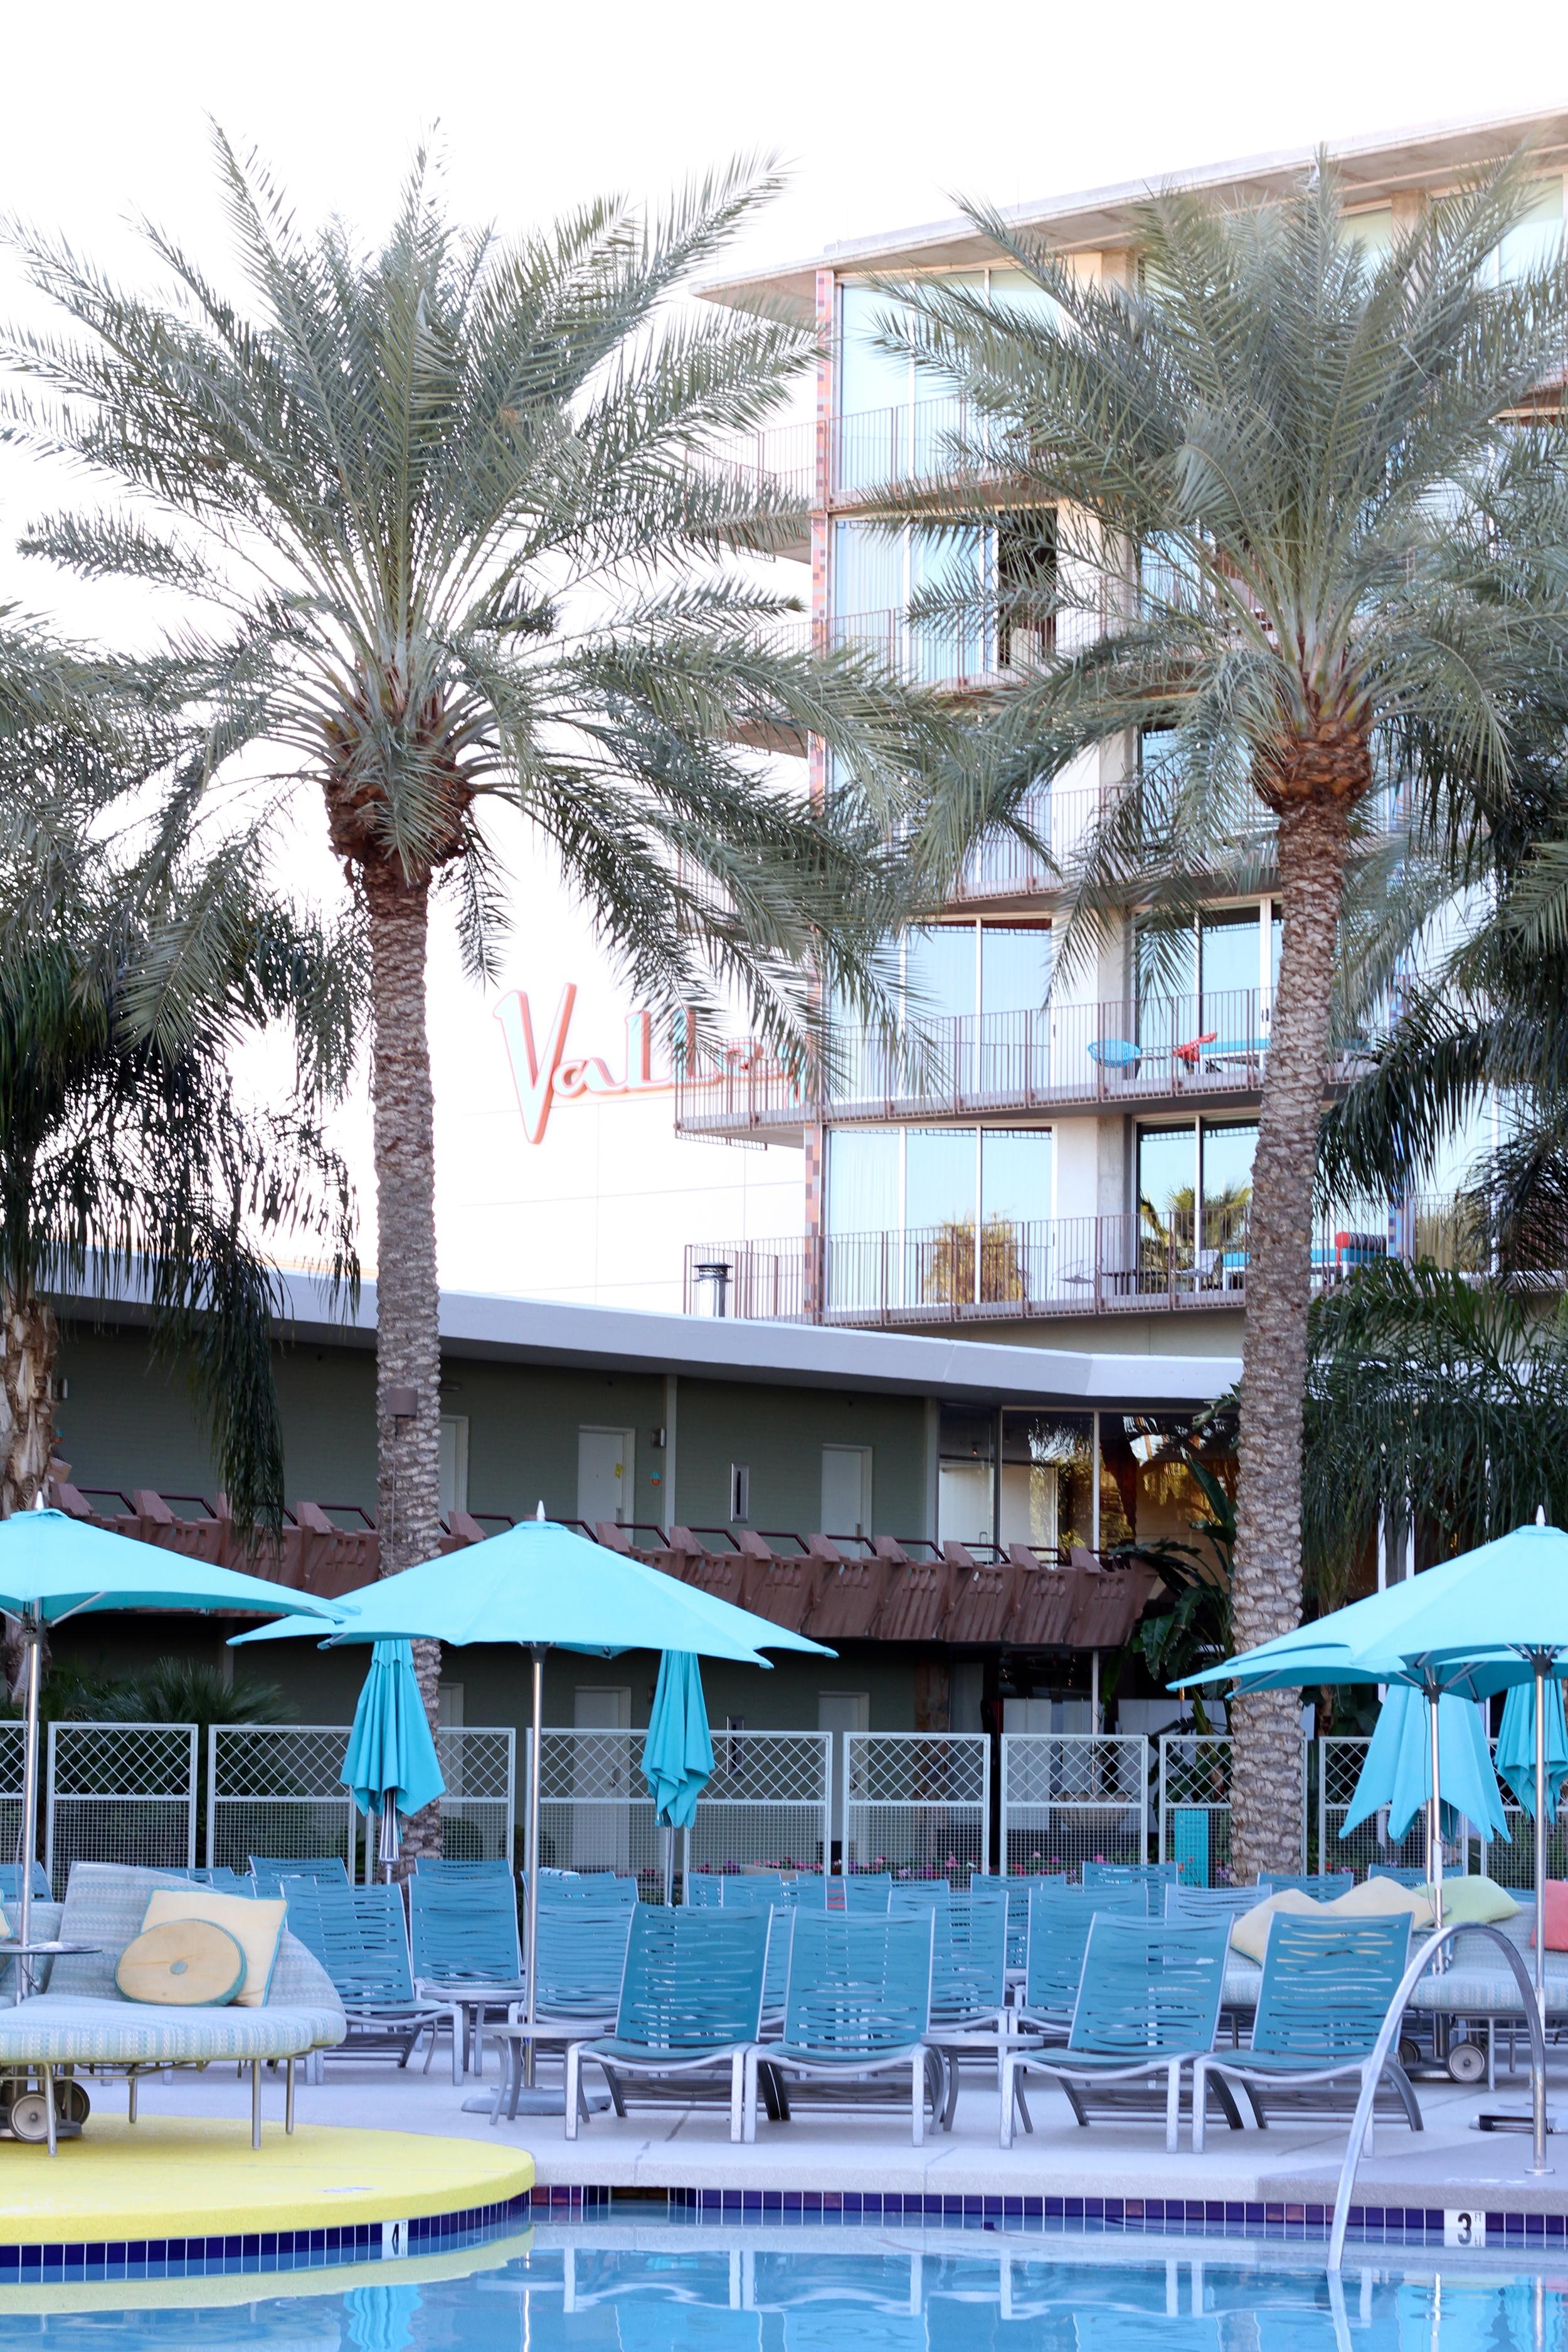 Hotel Valley Ho, Scottsdale, AZ.